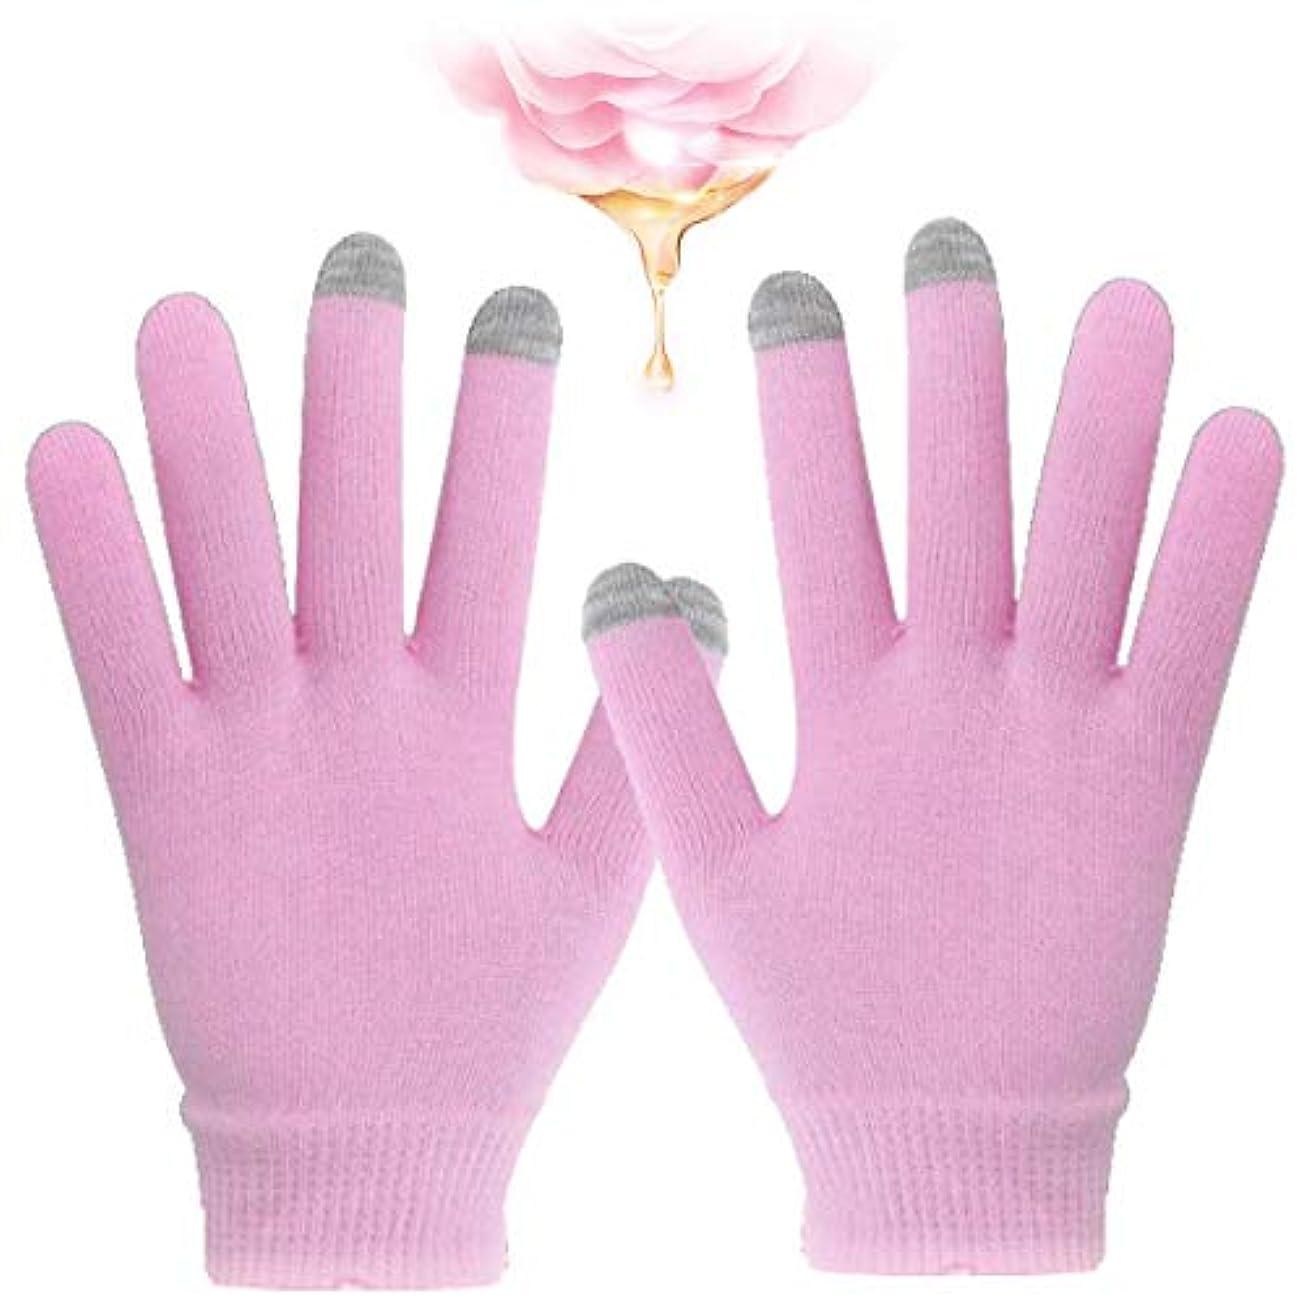 スペルオズワルドスカープハンドケア 手袋 スマホ対応 手袋 ゲル 保湿 美容成分配合 手荒れ 対策 おやすみ スキンケア グローブ うるおい 保護 タブレット